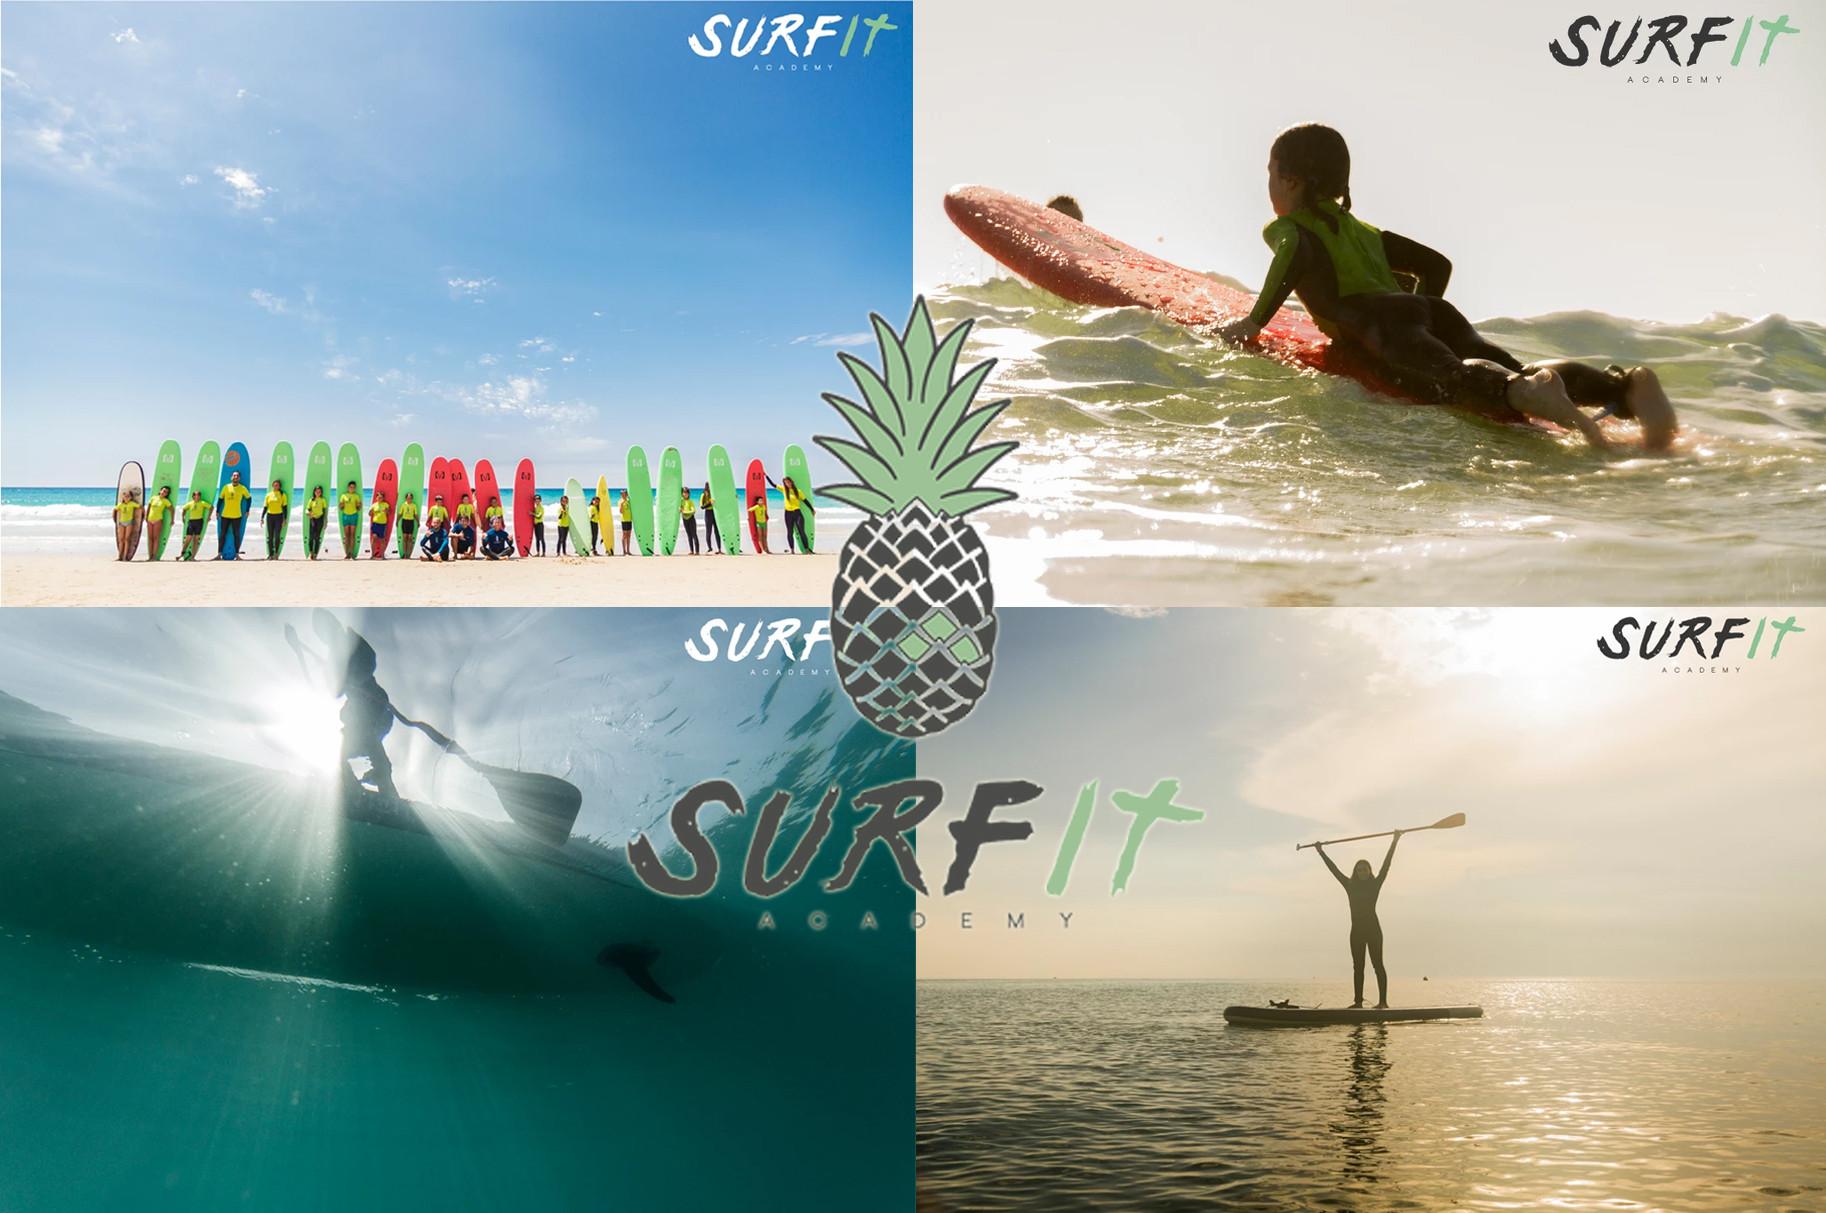 Al Amireh - SURFIT